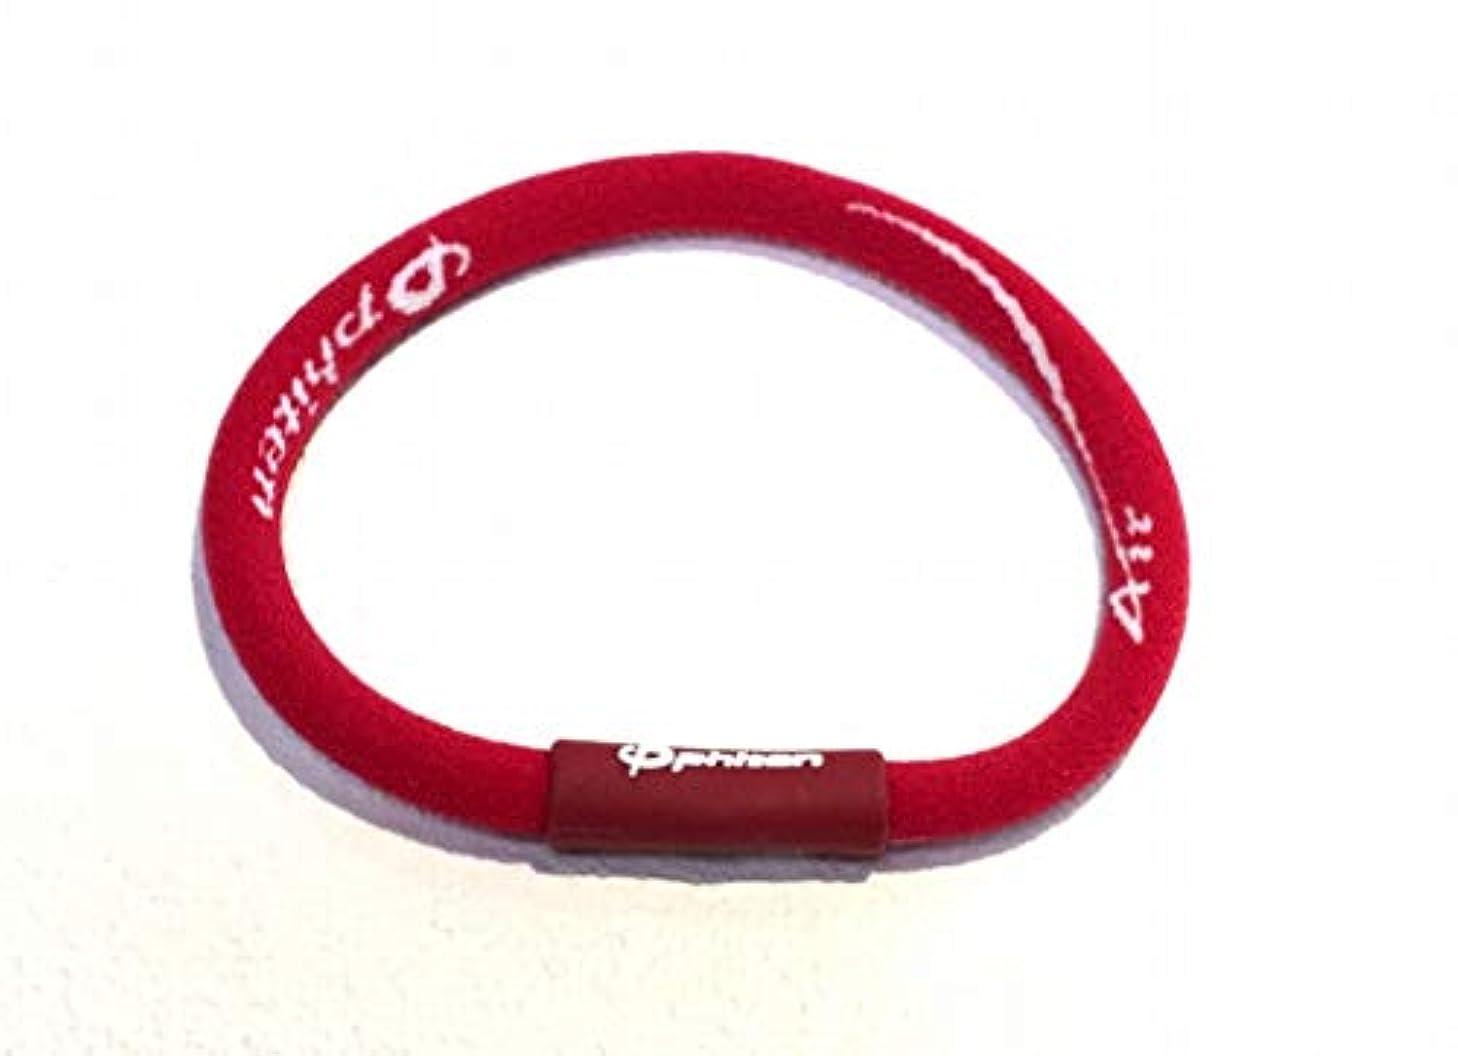 健康的メカニック球体ファイテン(phiten)RAKUWAブレス エアー レッド/ホワイト(内径約19cm)